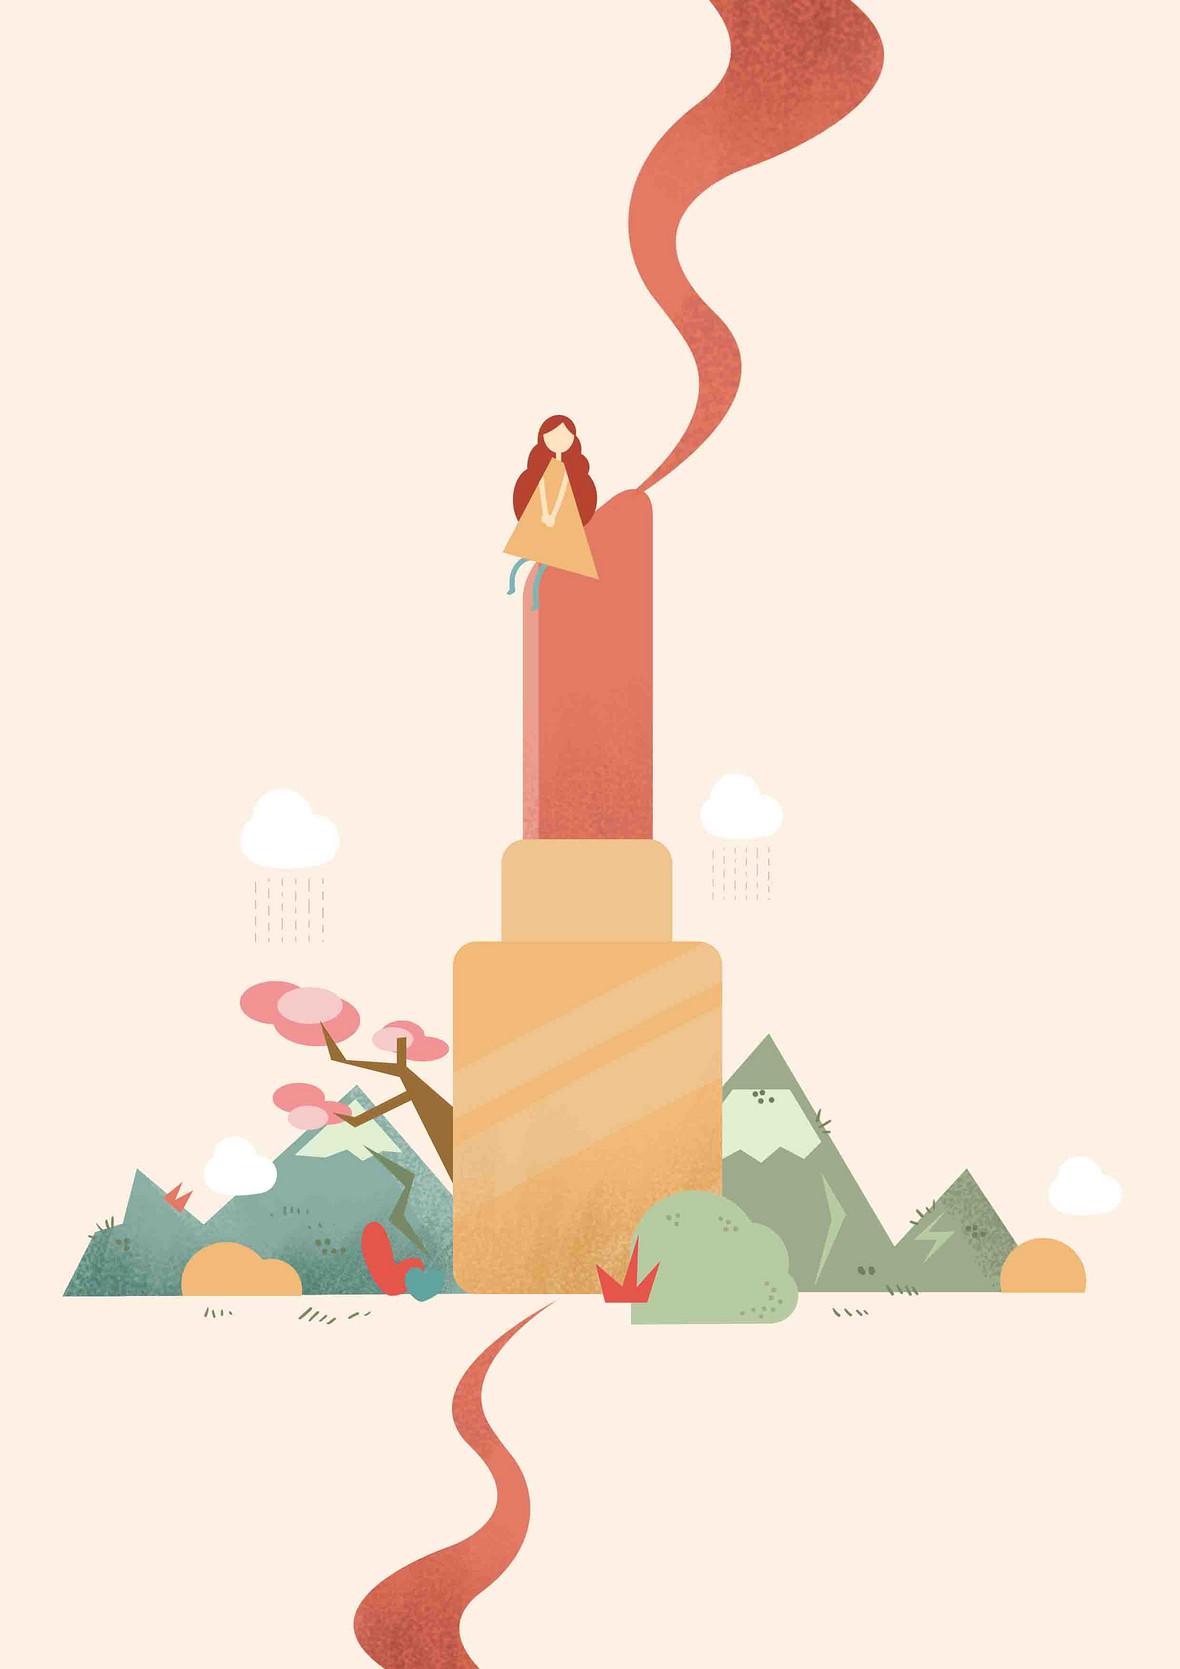 口红插画手绘海报背景模板